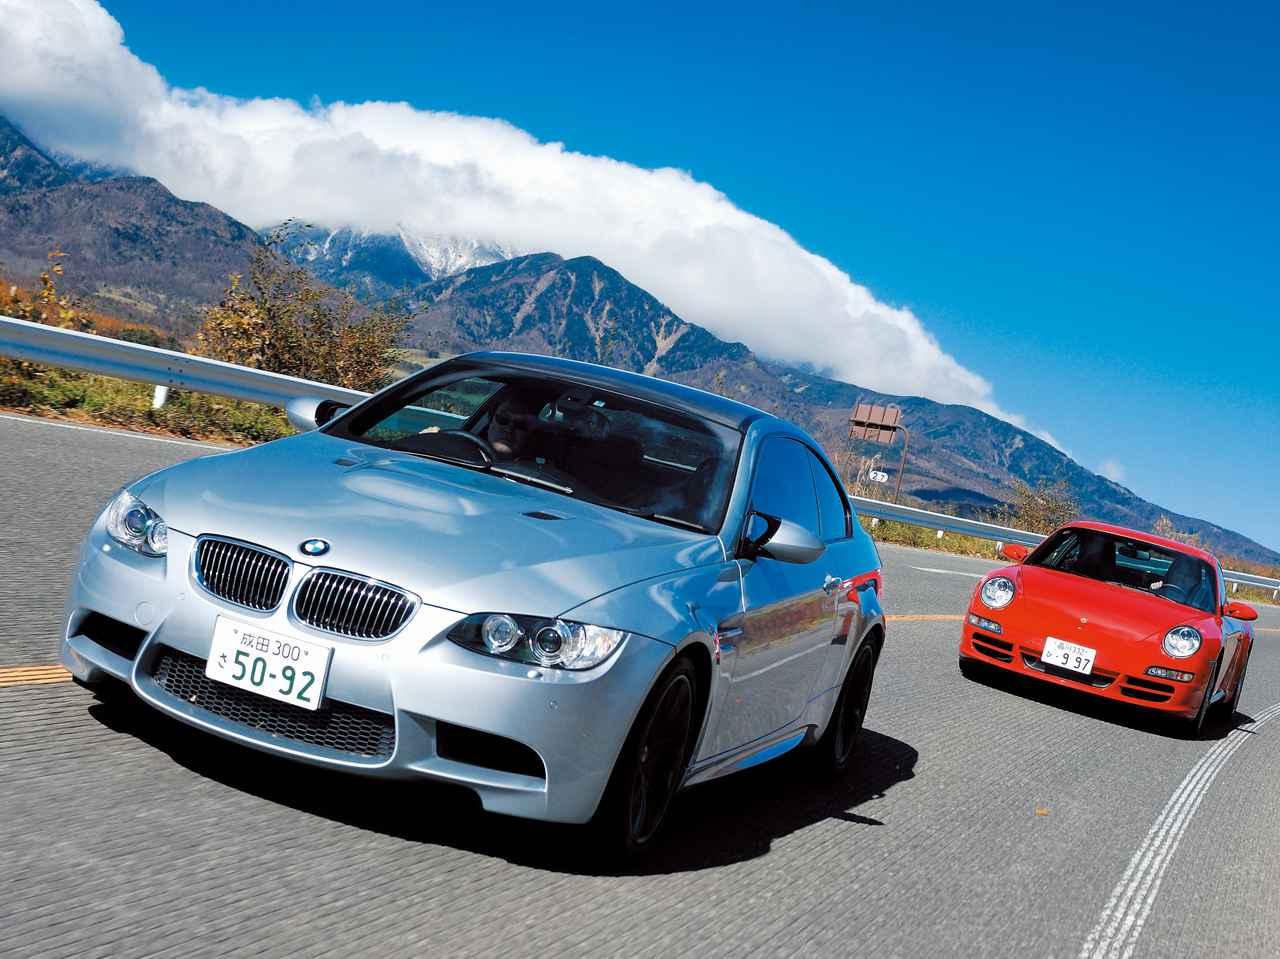 【ヒットの法則391】BMW M3クーぺはポルシェ911とは異なる方向性のピュアスポーツカーだ!